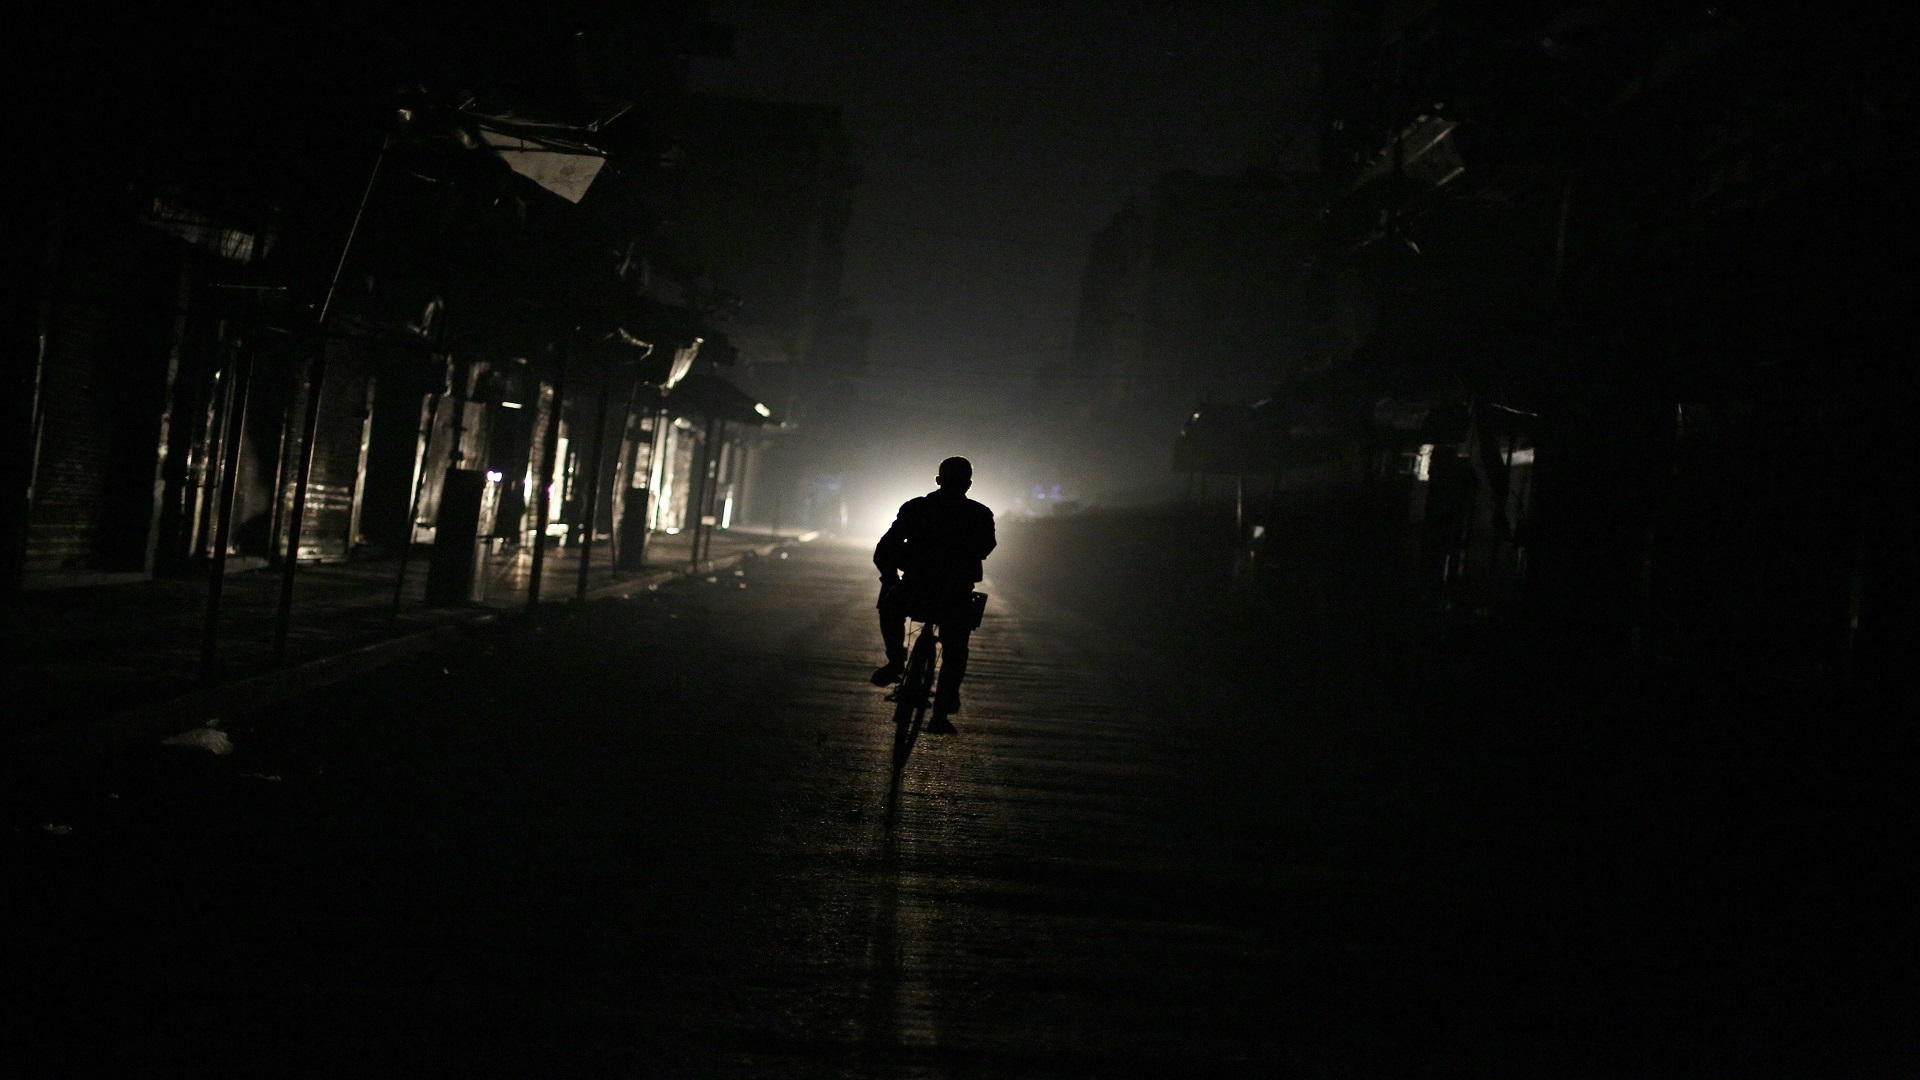 النظام يحذر من انهيار قطاع الكهرباء في سوريا!